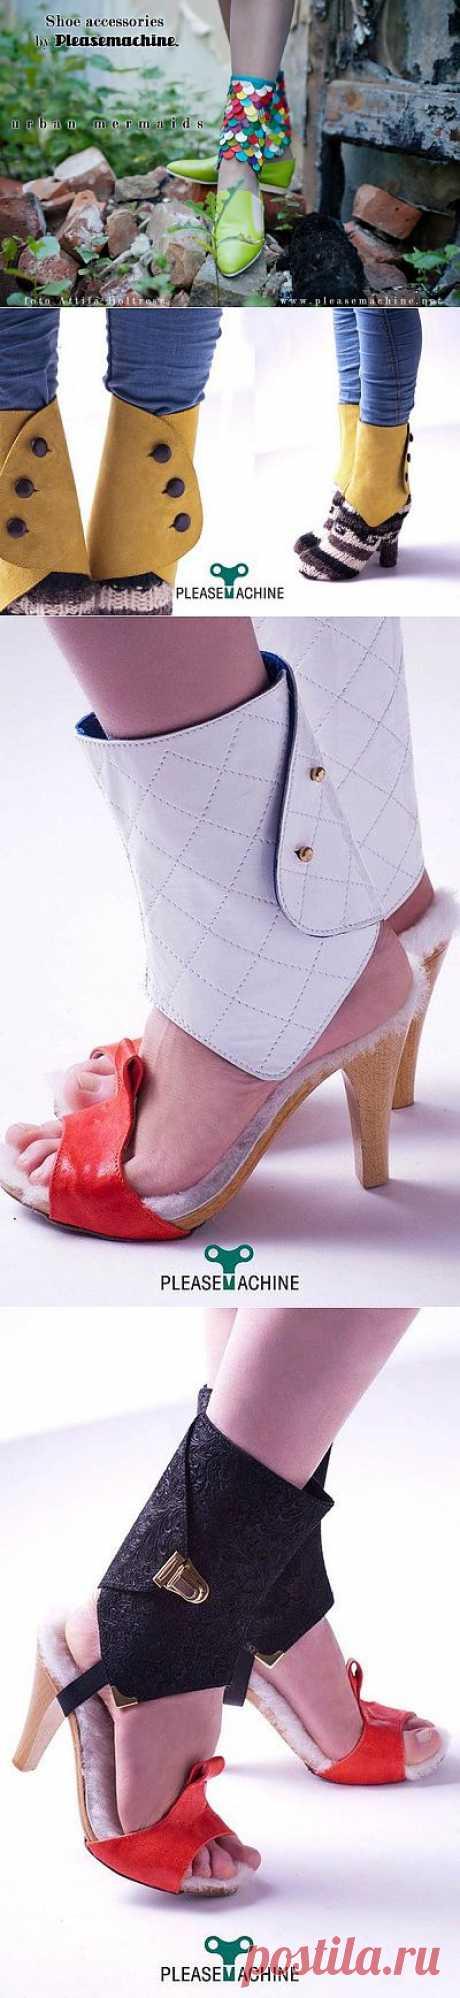 Украшаем обувь / Обувь / Модный сайт о стильной переделке одежды и интерьера